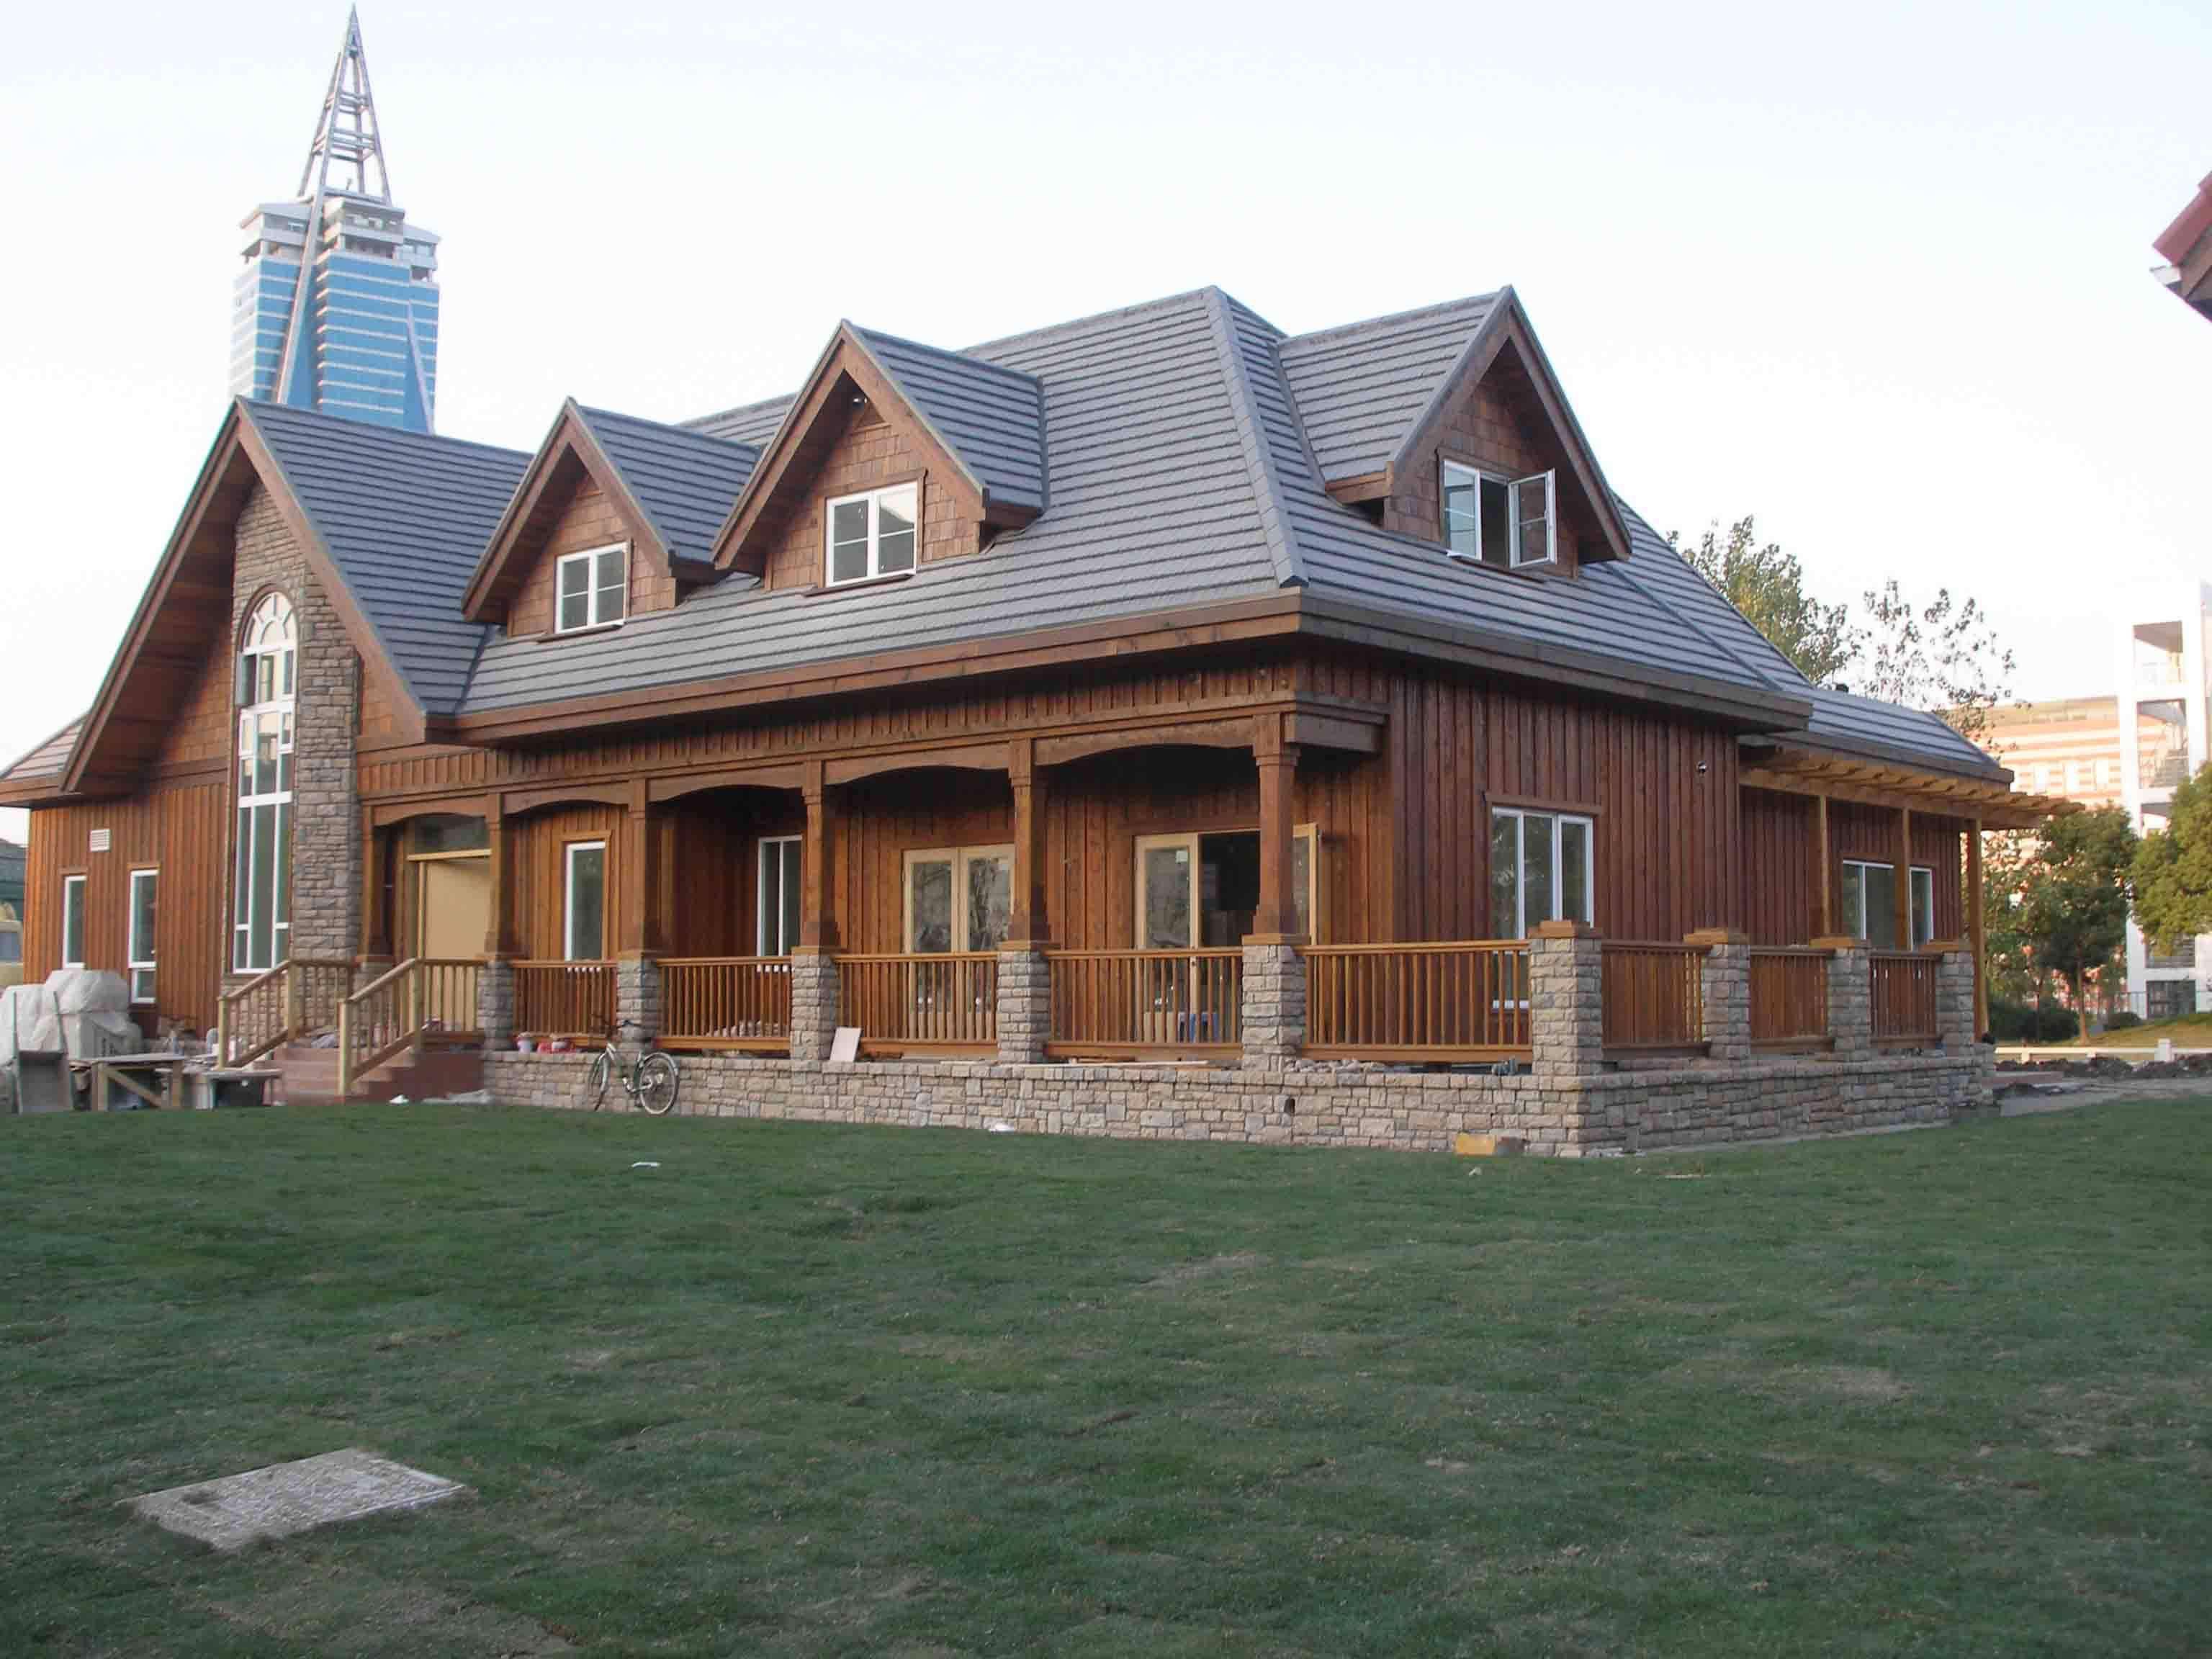 木质结构房屋为什么是最健康的居住方式?